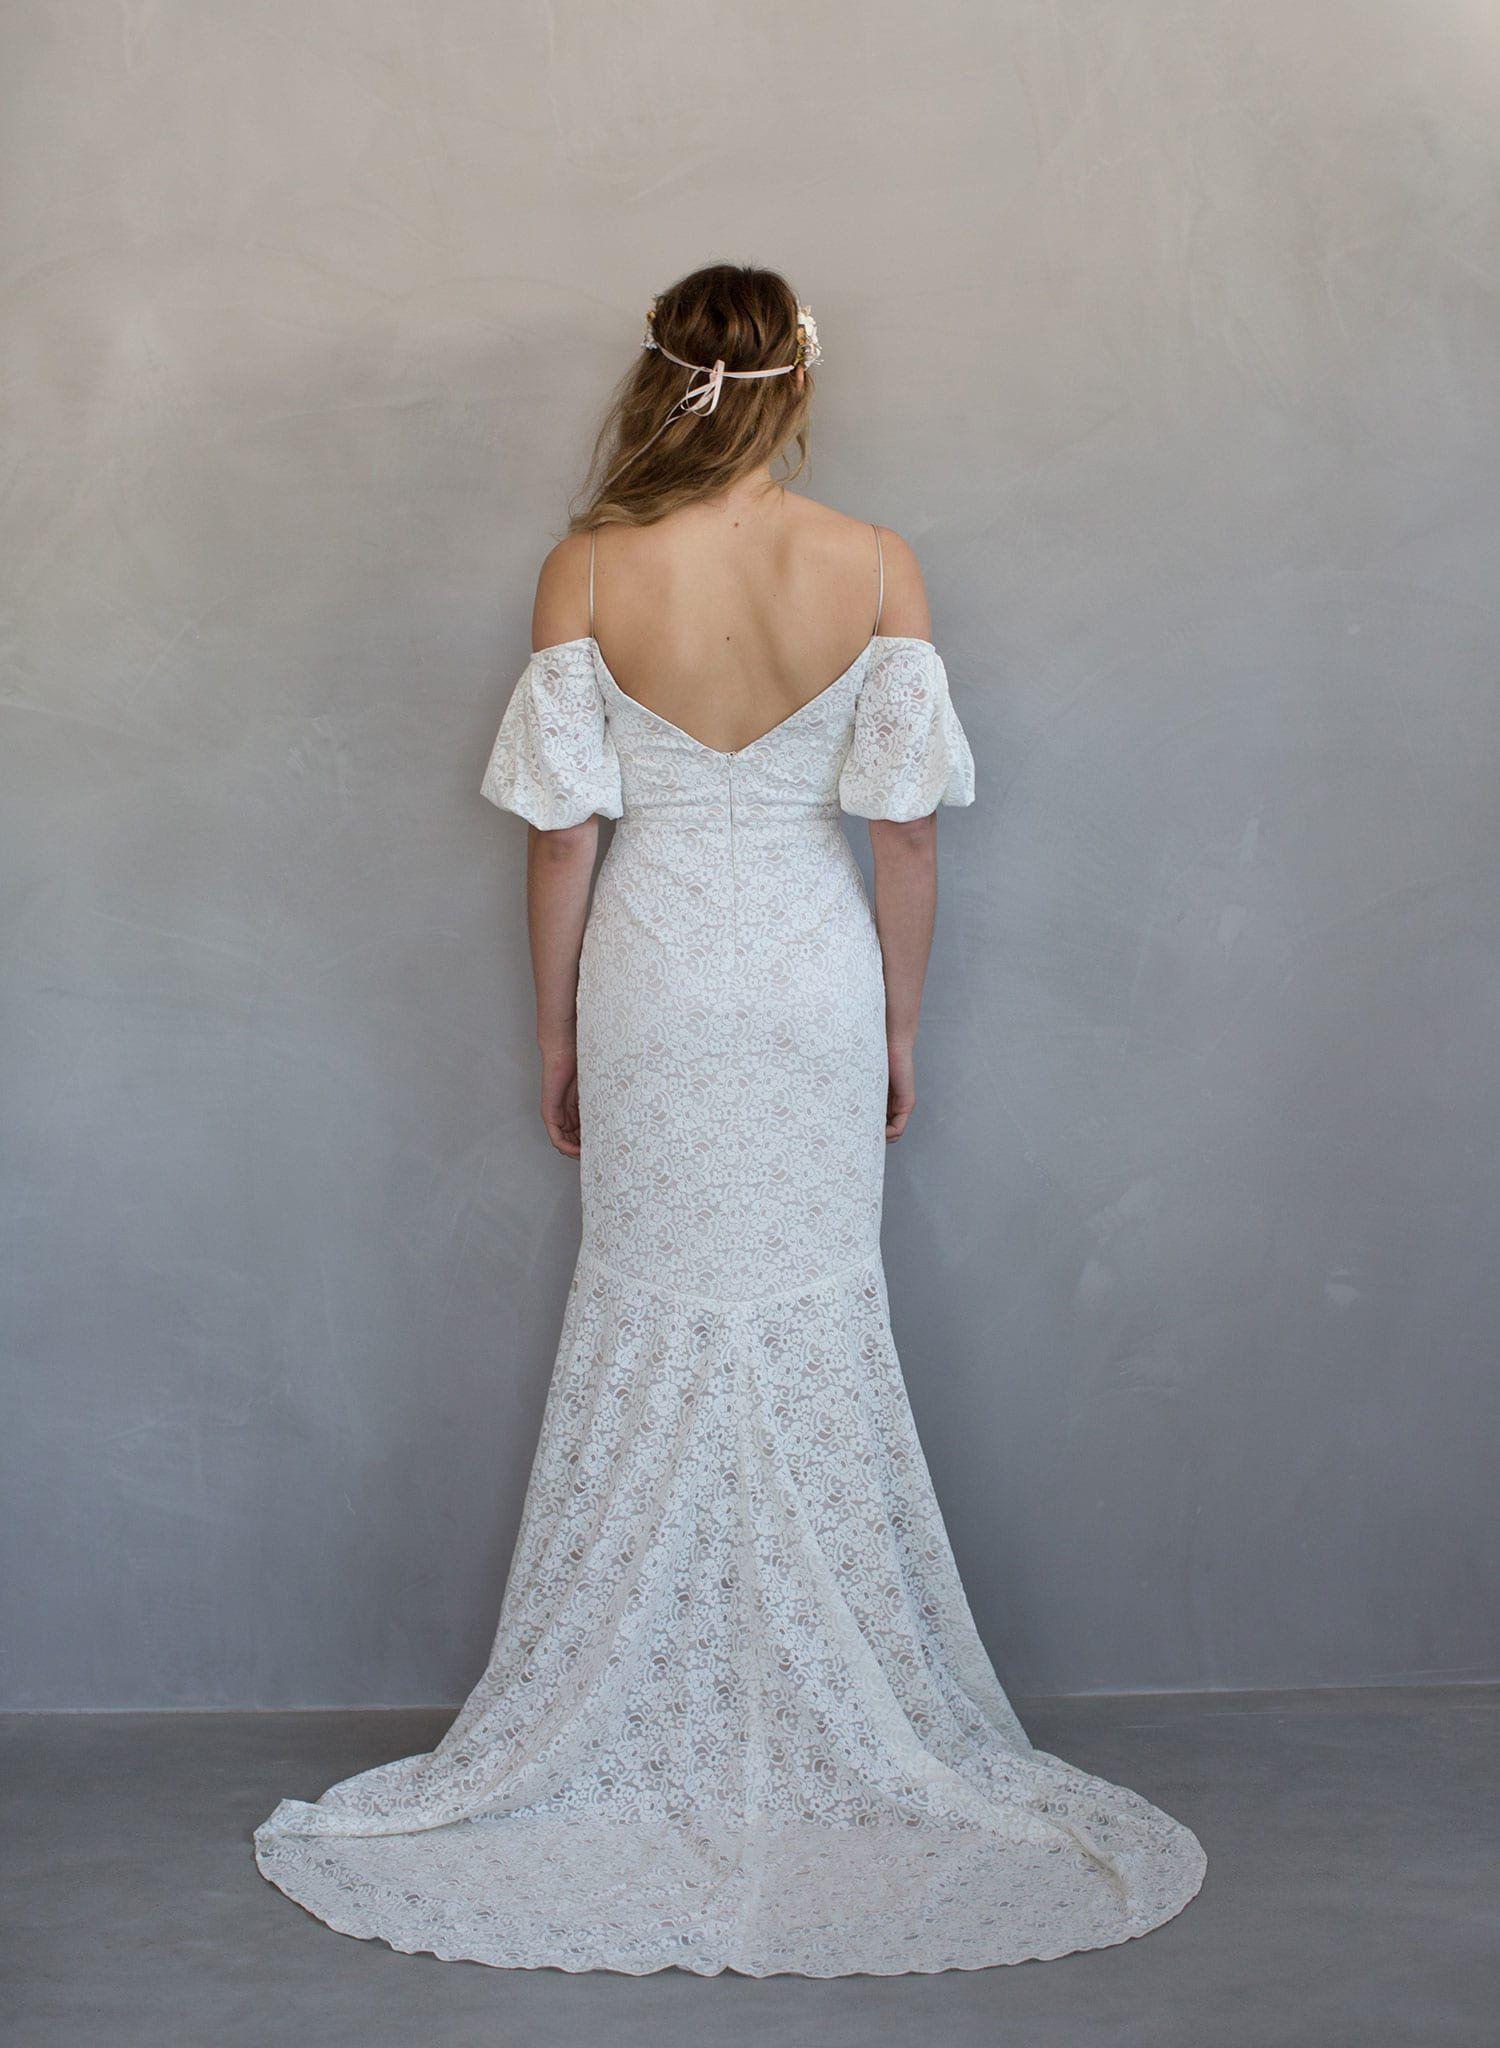 Soufflé - Poufy off-shoulder bridal gown - Style # TH703   Pinterest ...